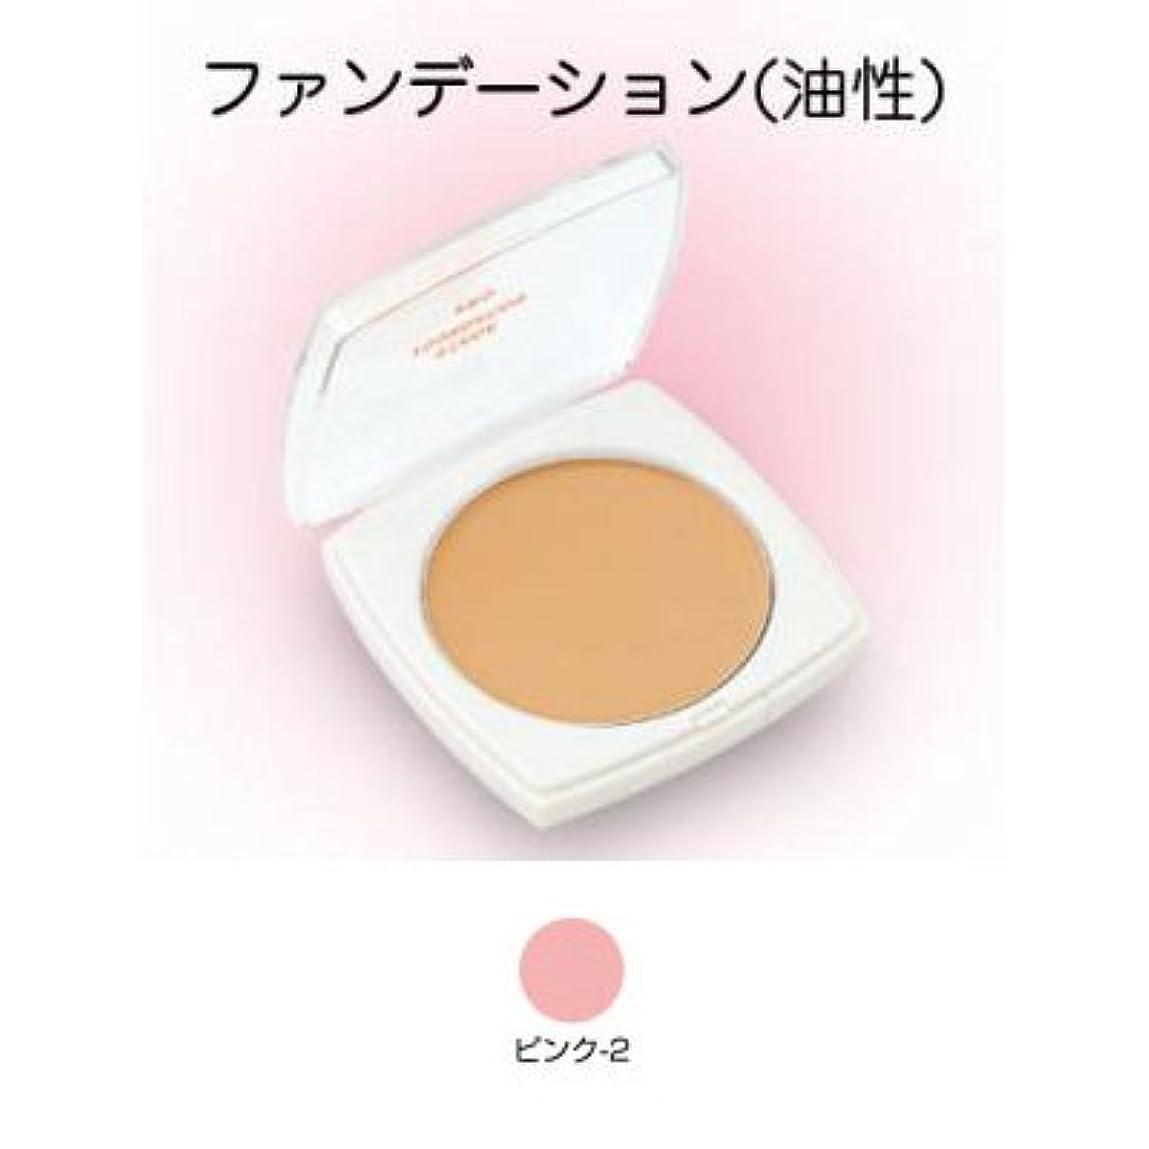 楕円形徐々に称賛ステージファンデーション プロ 13g ピンク-2 【三善】